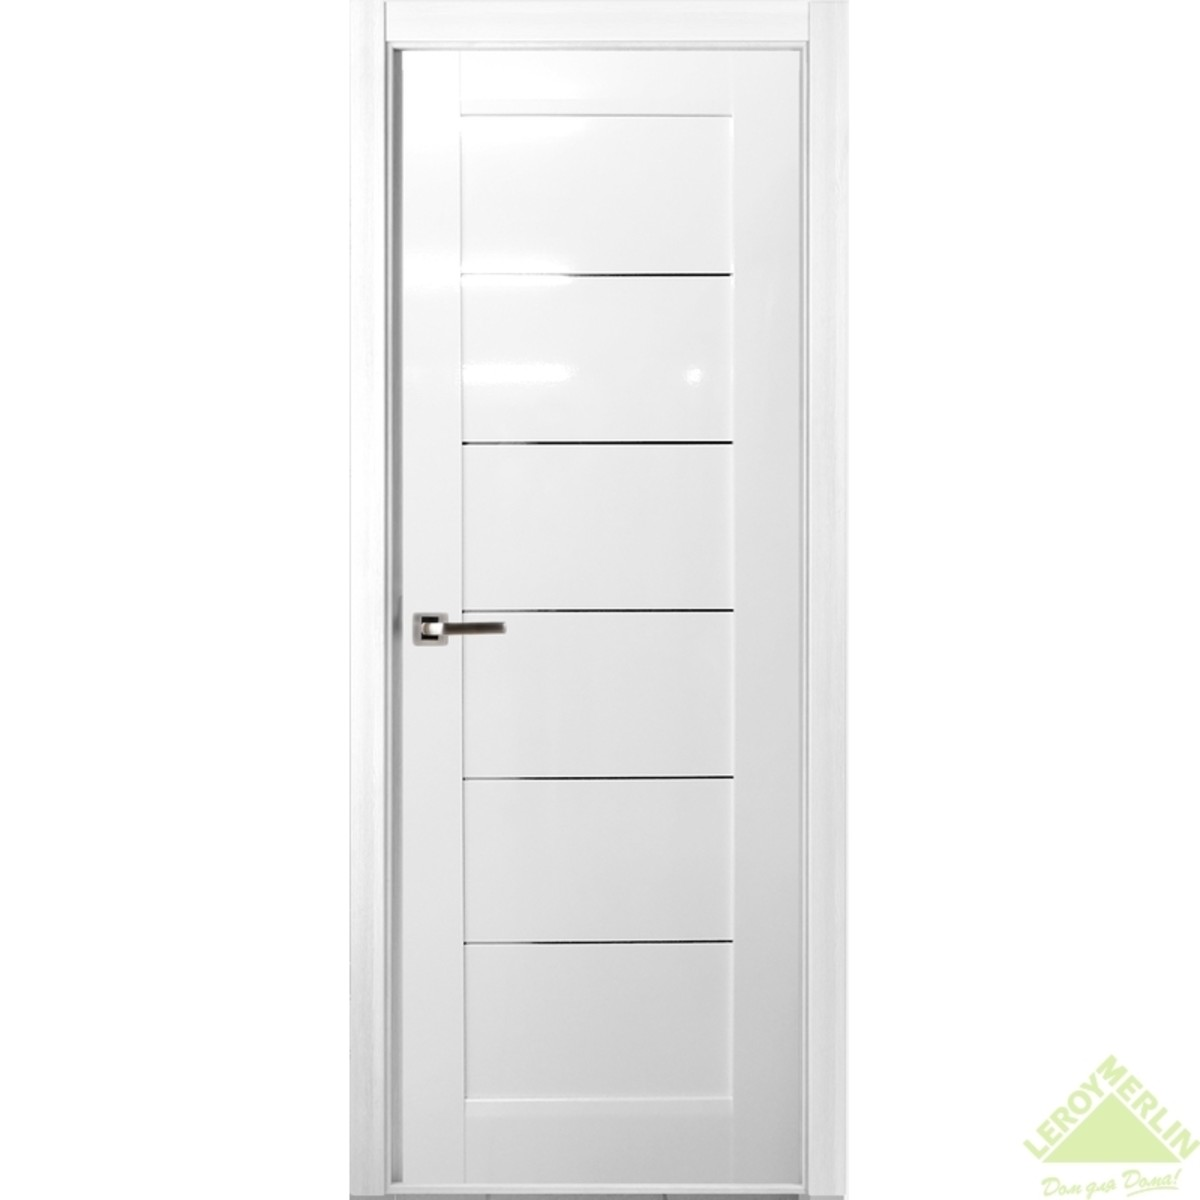 Дверь Межкомнатная Глухая Мирелла 800x2000 Искусственный Шпон Белый Глянец